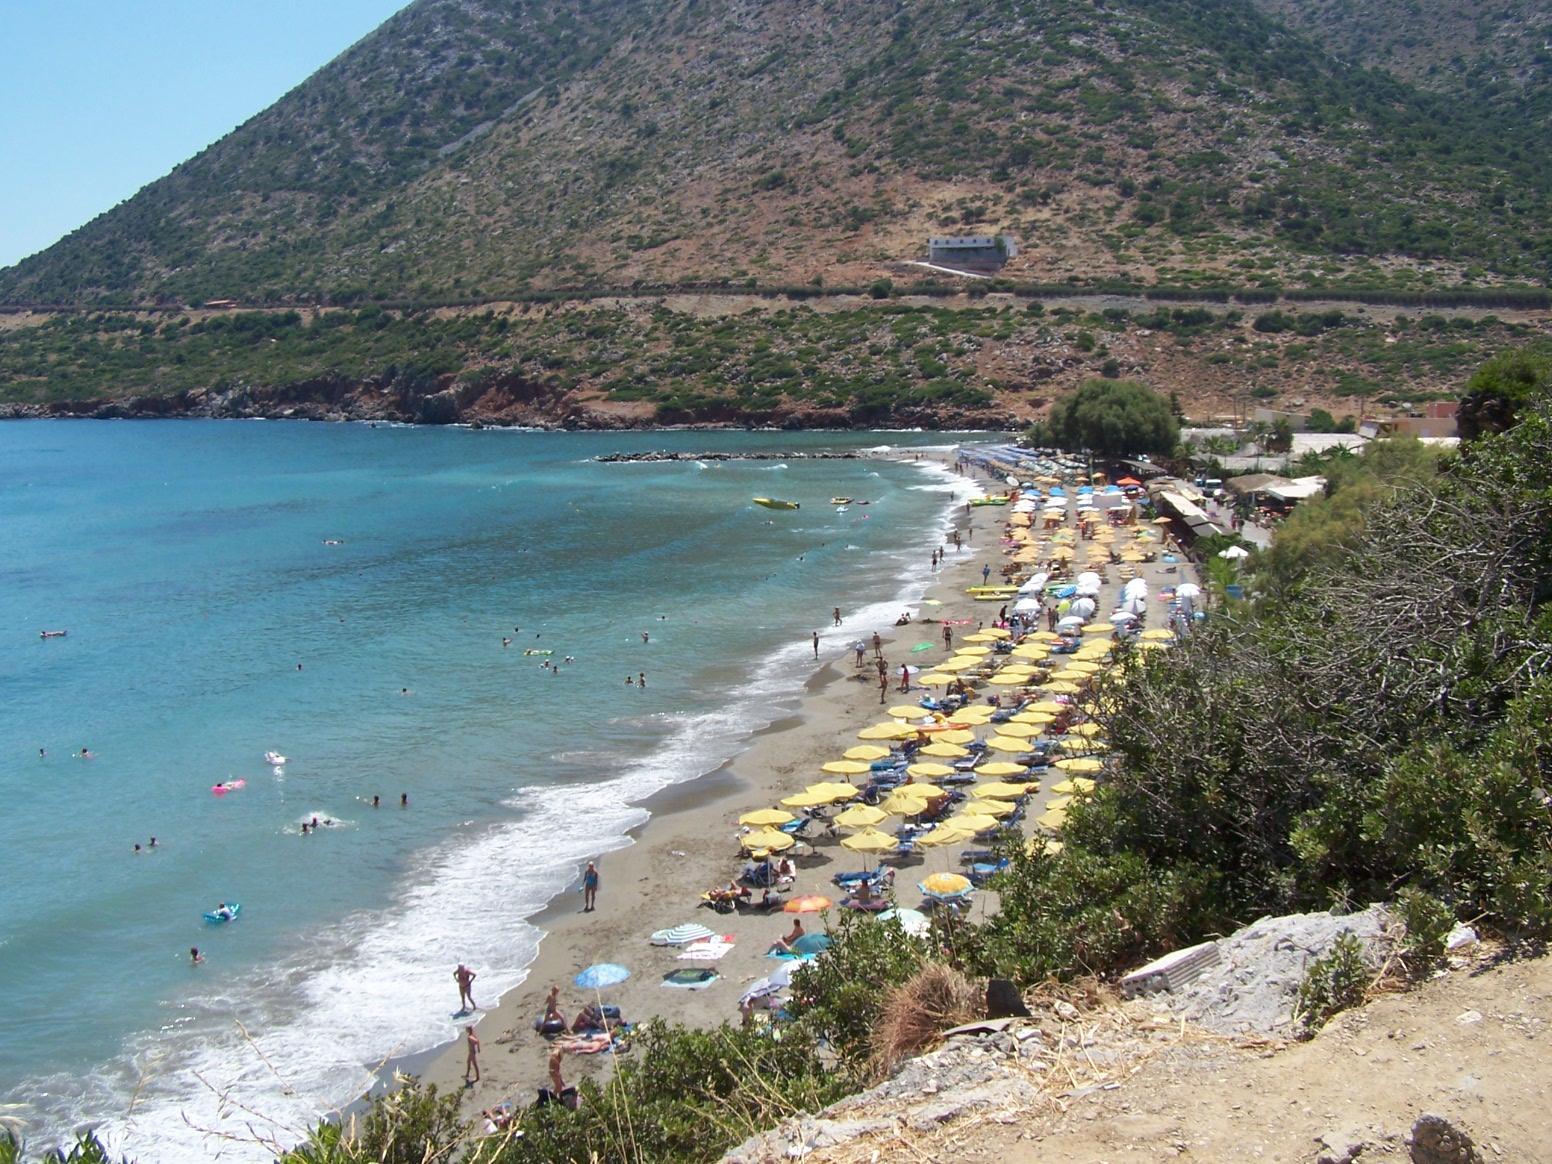 Souvent vacances en Crète GF31